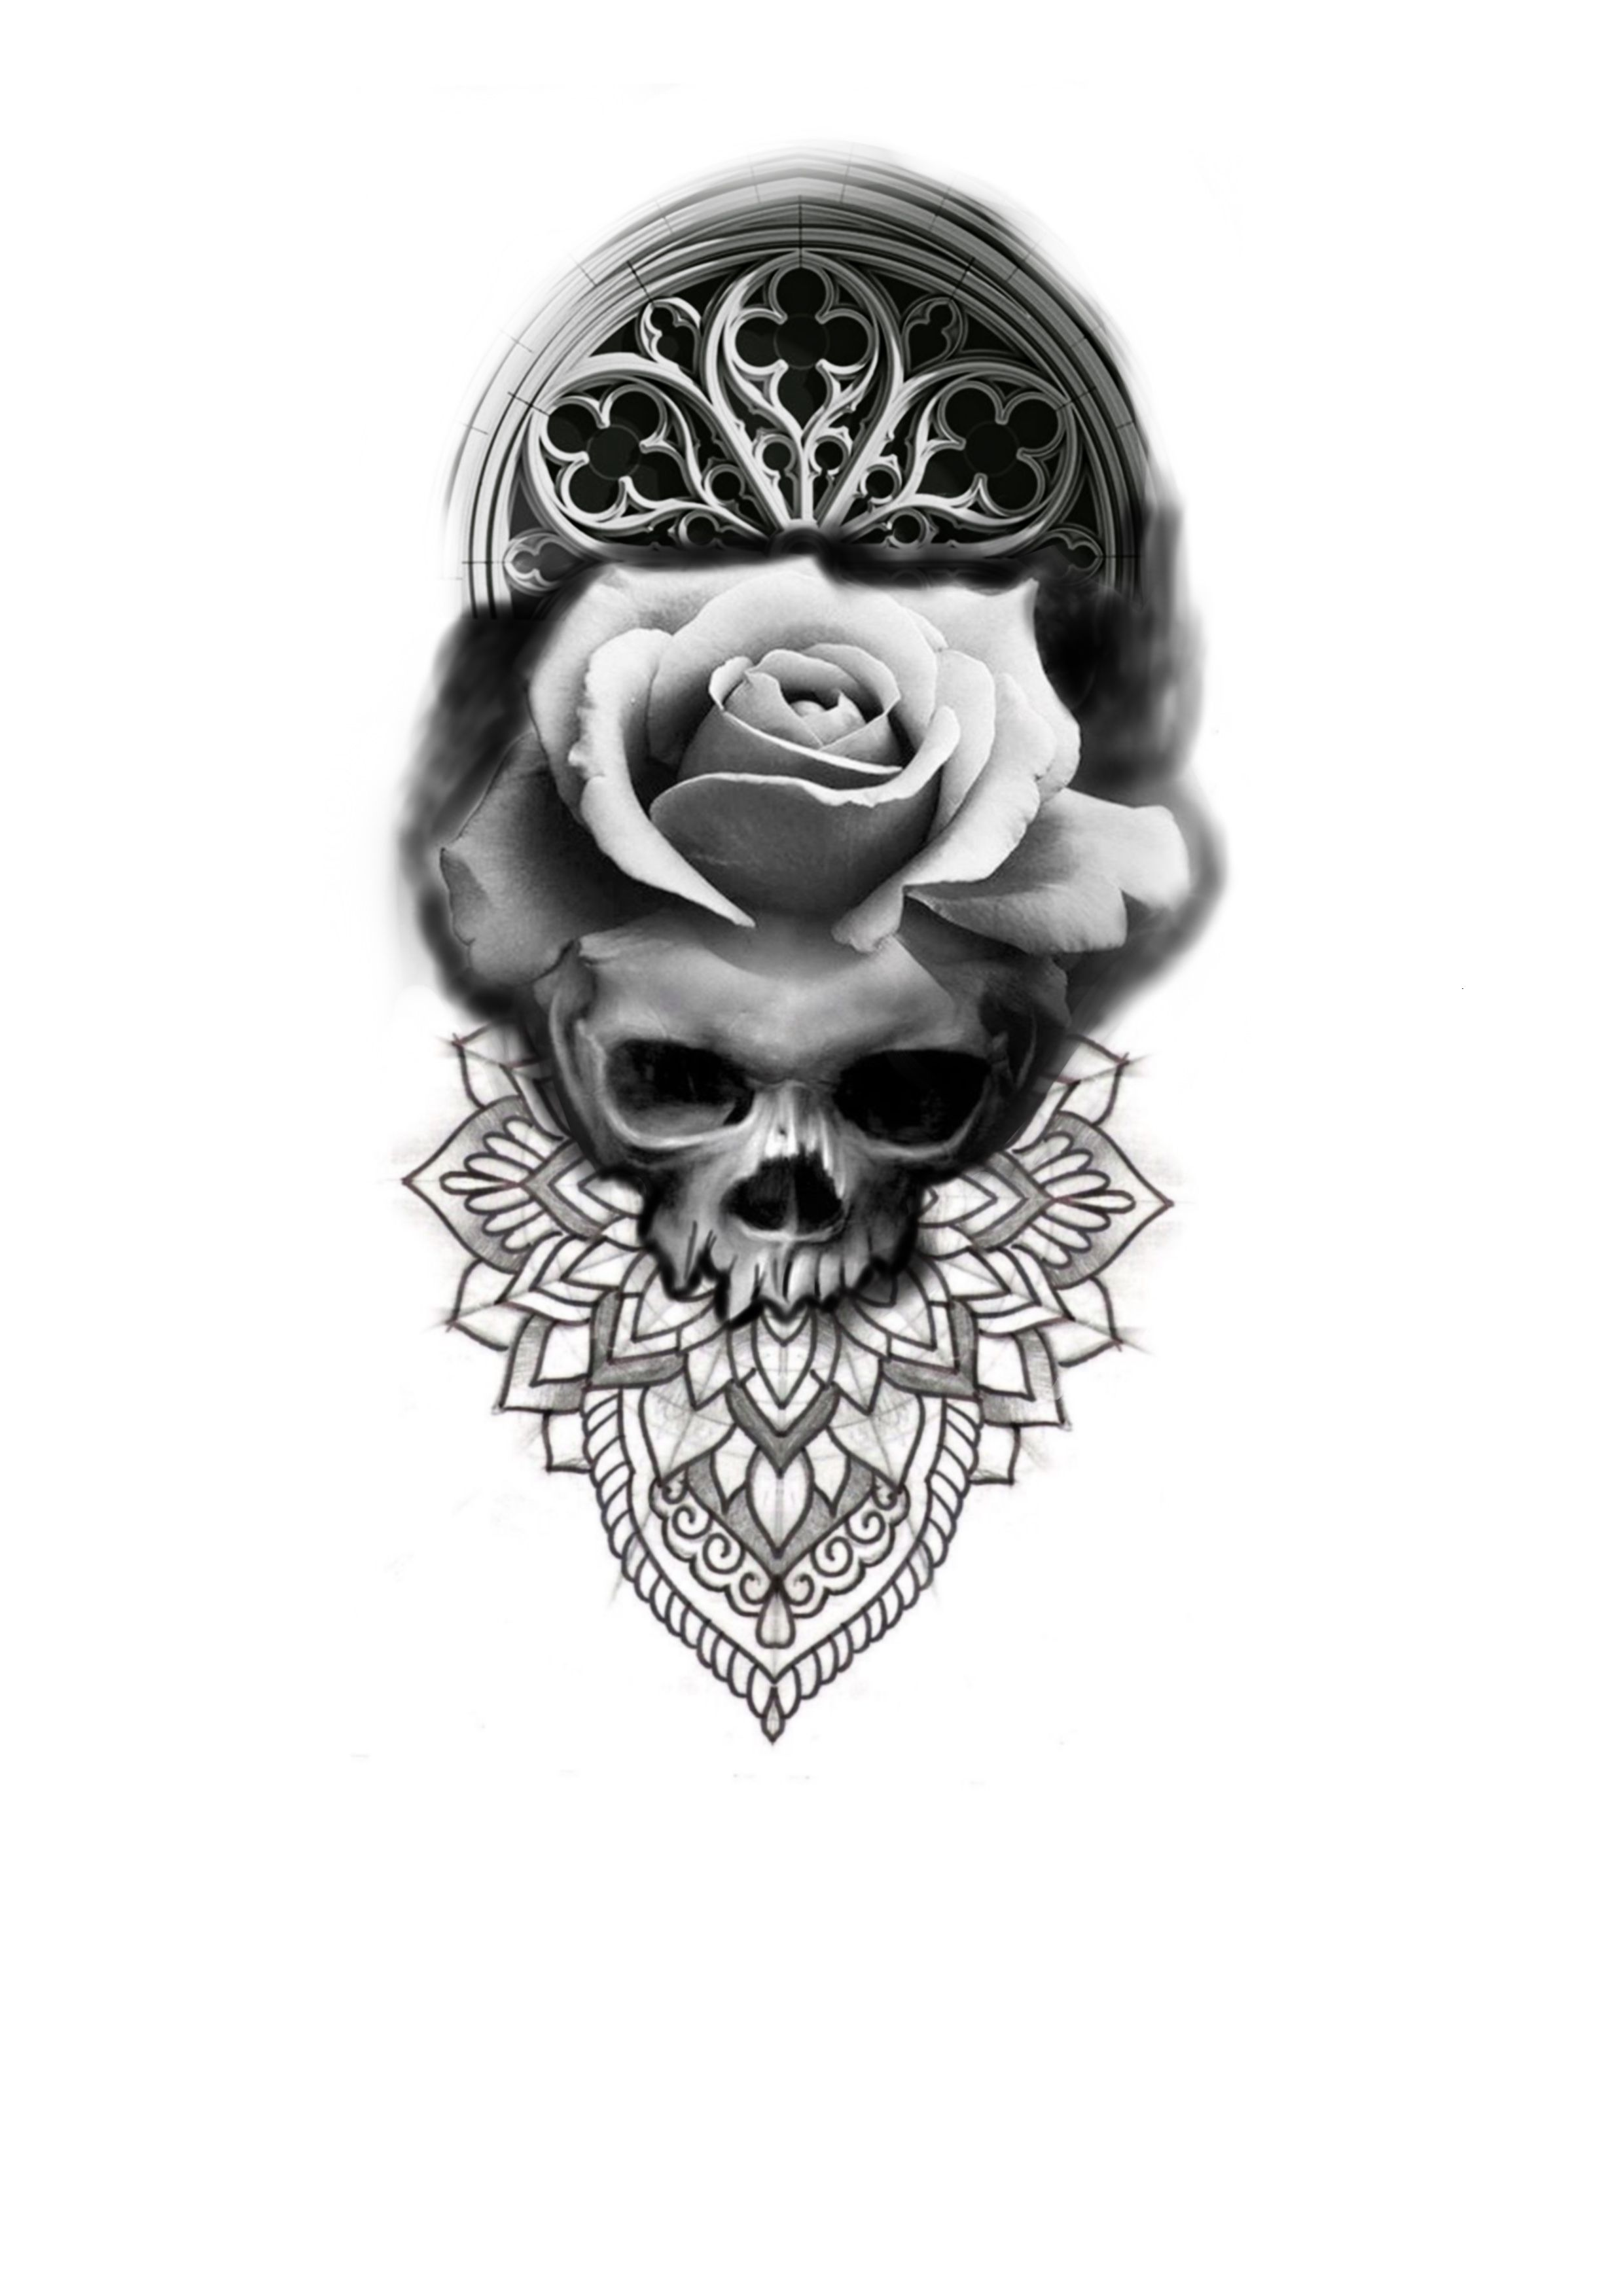 Black king tattoo ideas skull black  tattoou  pinterest  tattoo black and tattoo designs